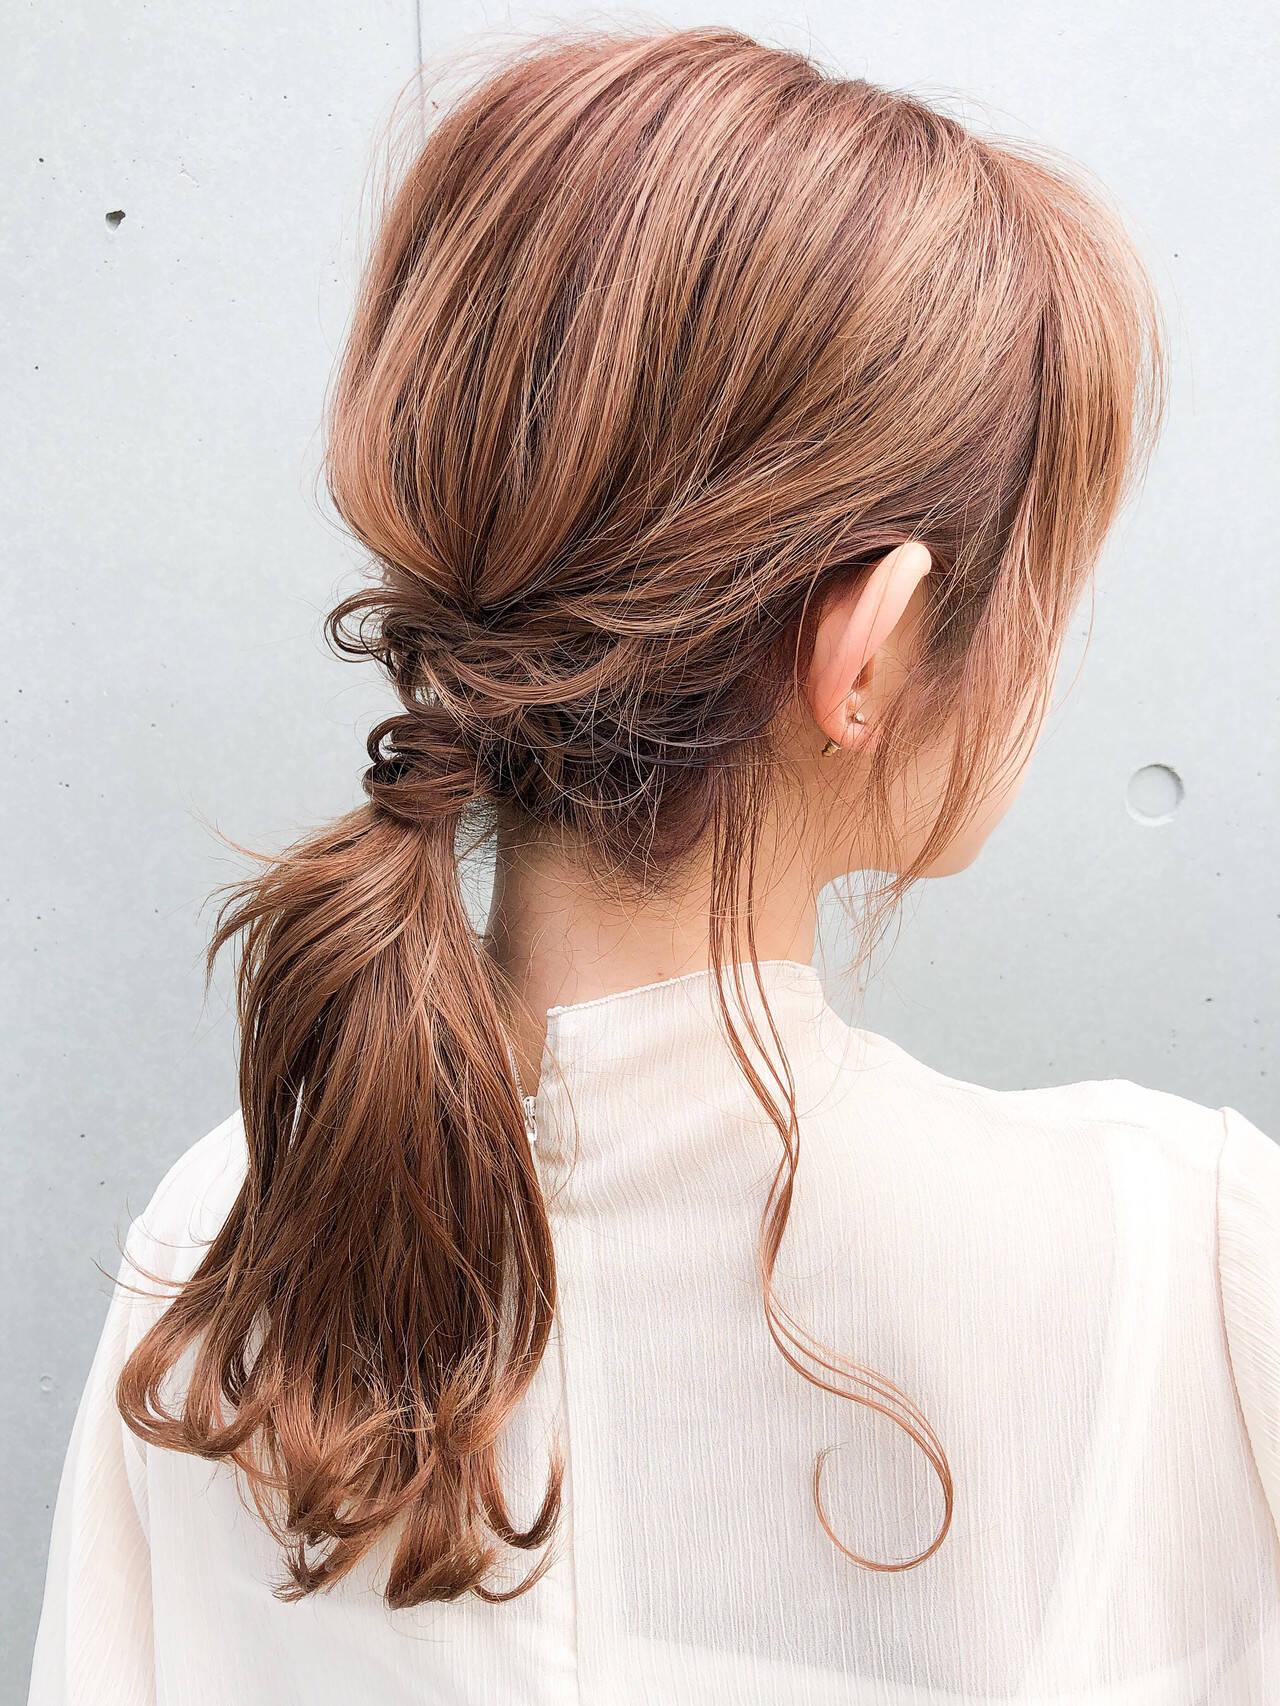 エレガント ゆるふわセット 簡単ヘアアレンジ 結婚式ヘアアレンジヘアスタイルや髪型の写真・画像